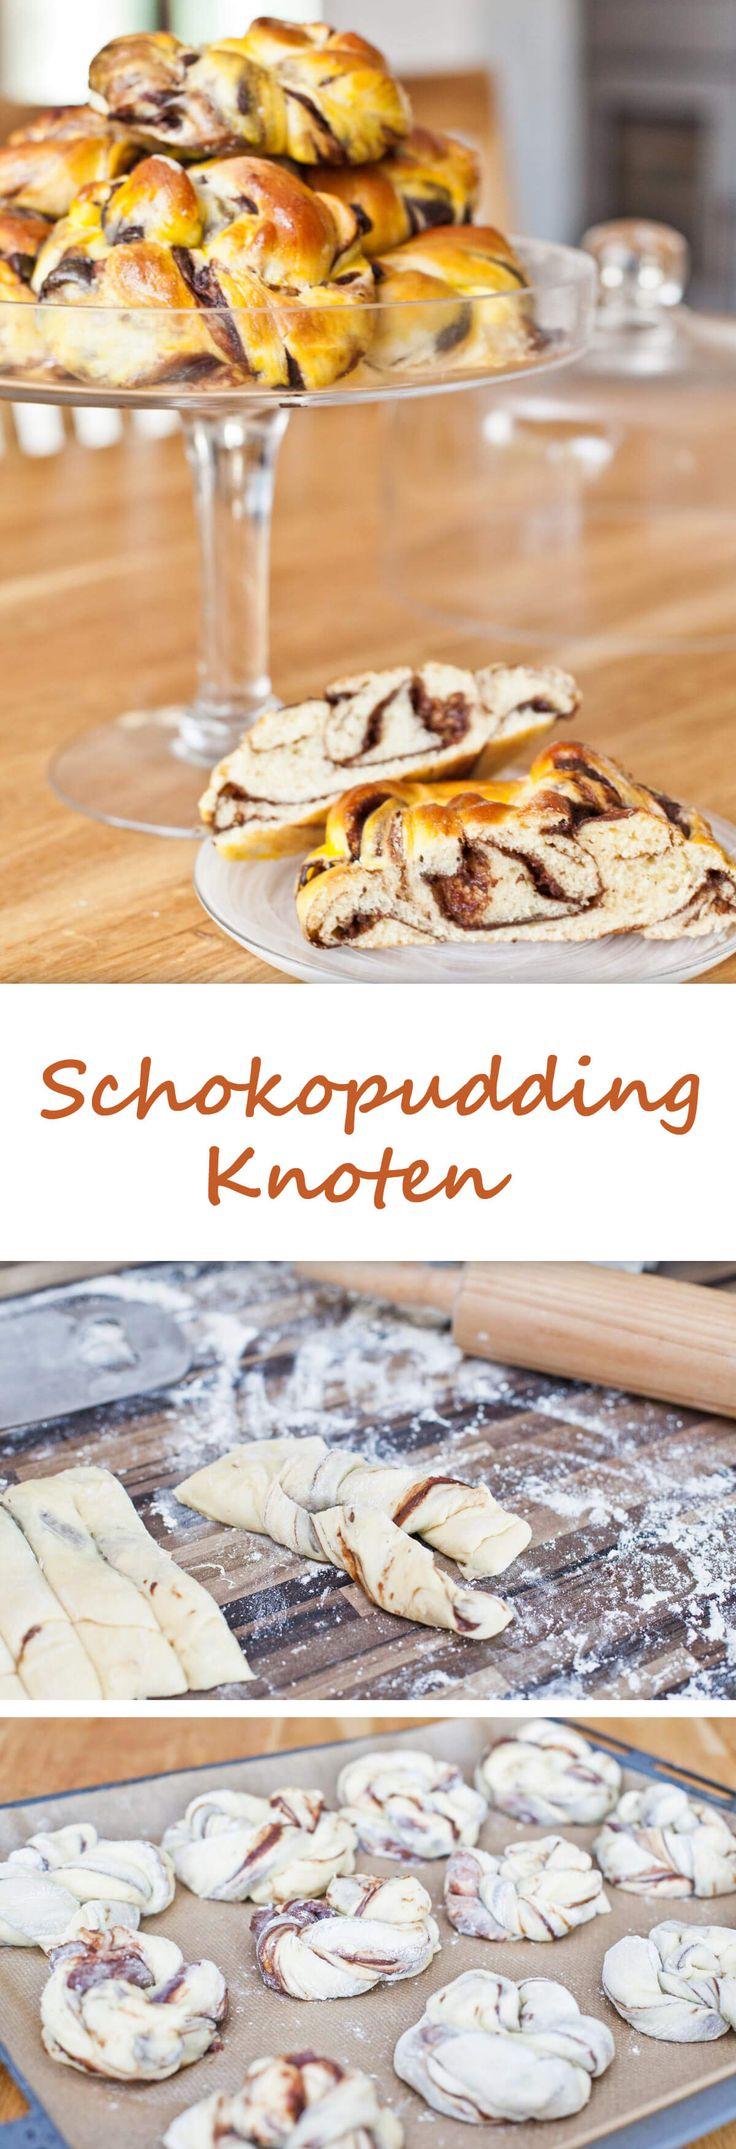 Hefeknoten mit Schoko-Pudding